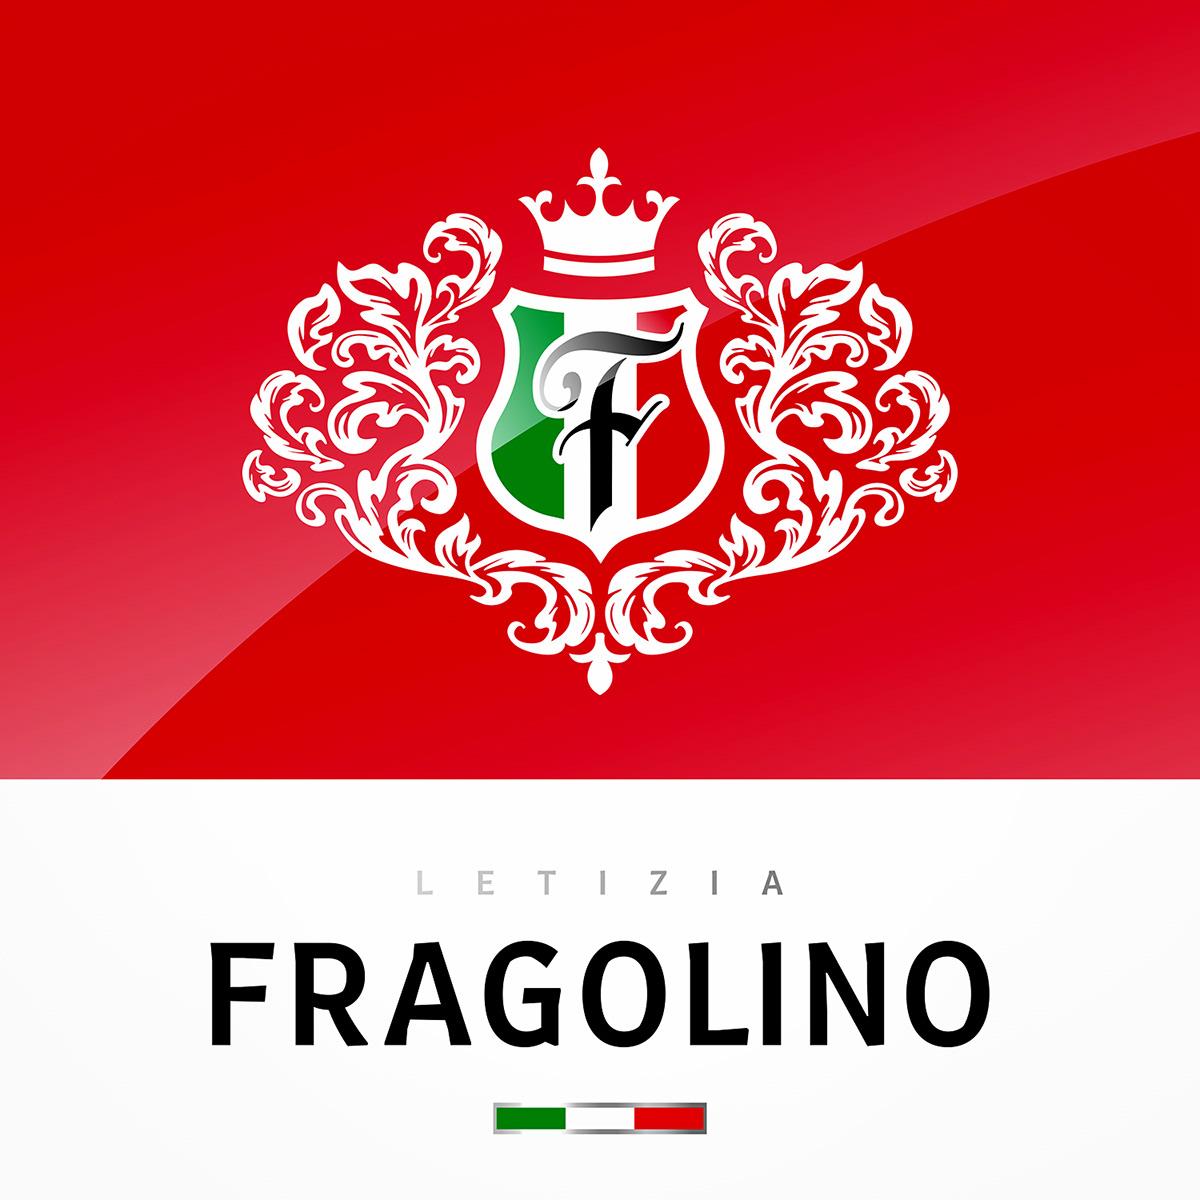 Sumilov shumilov shumilovedesign shumi love design branding  Packaging fragolino Italy